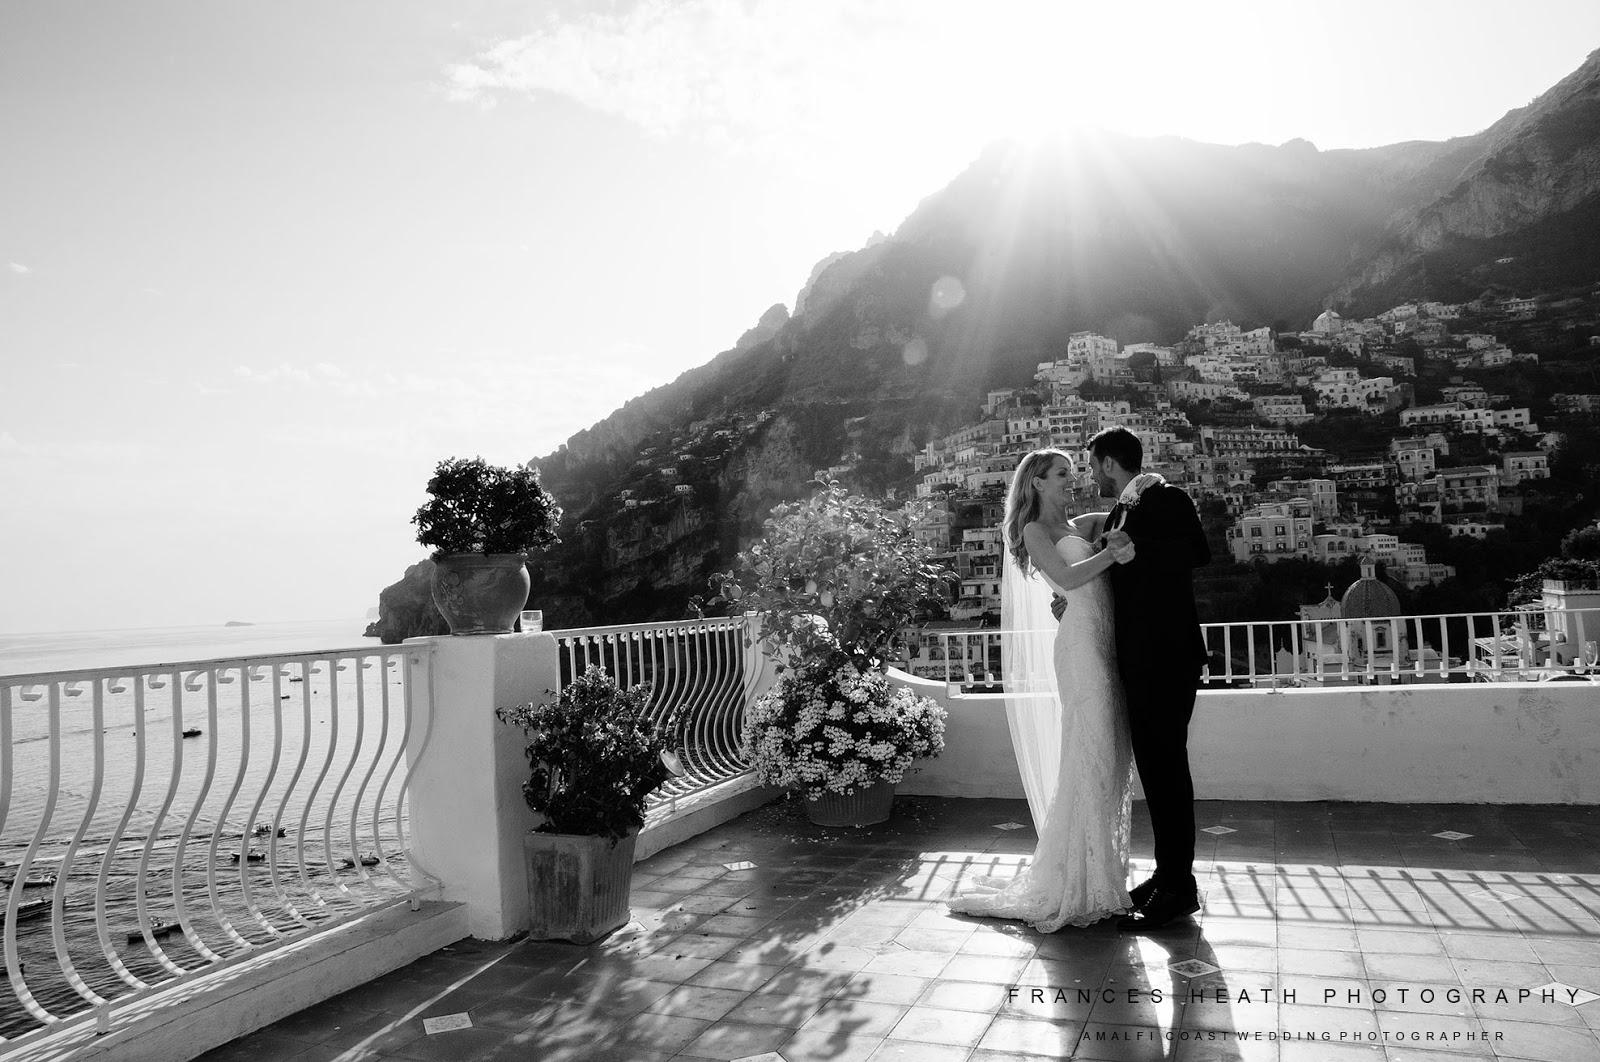 Wedding at Hotel Marincanto in Positano